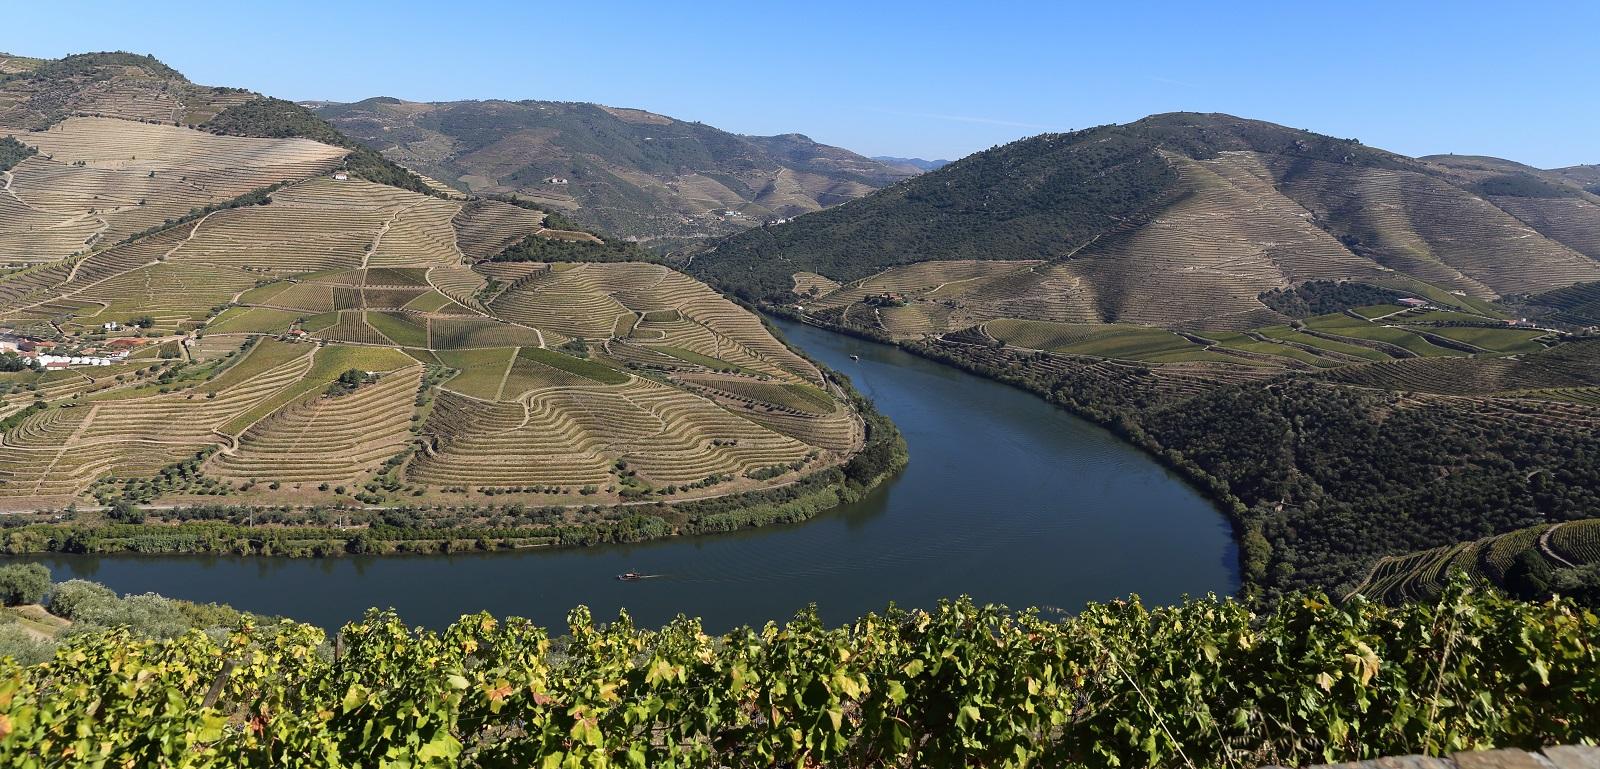 landscape of Alto Duro Wine region, Portugal